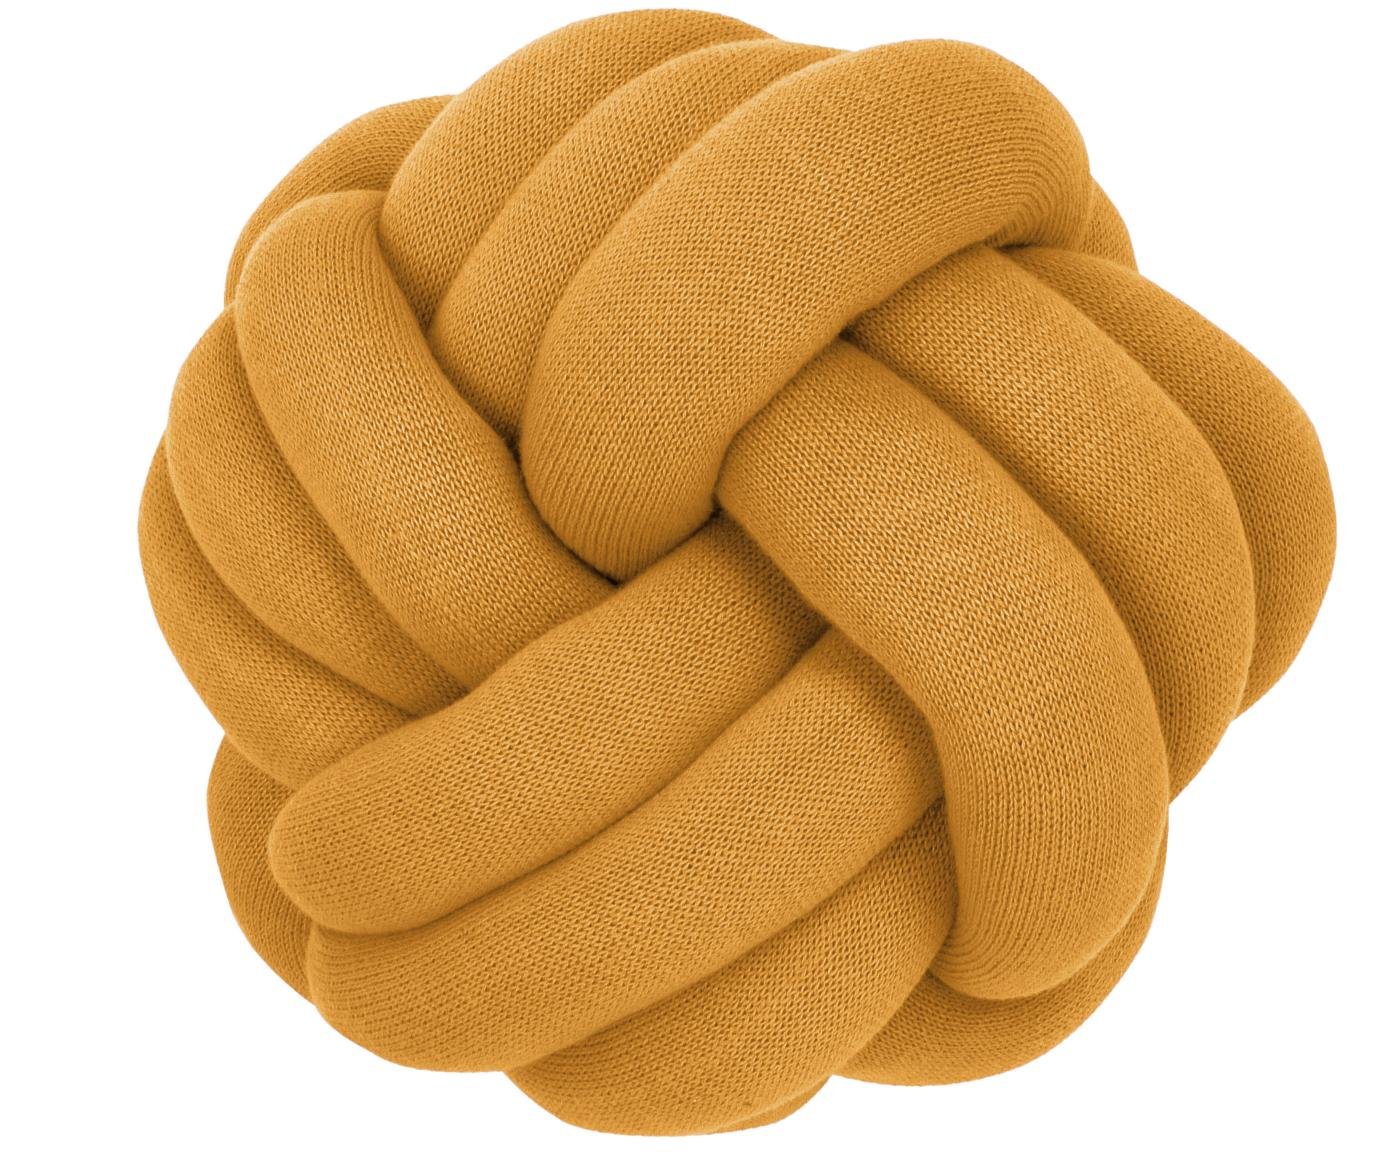 Klein kussen Twist, Mosterdgeel, Ø 30 cm